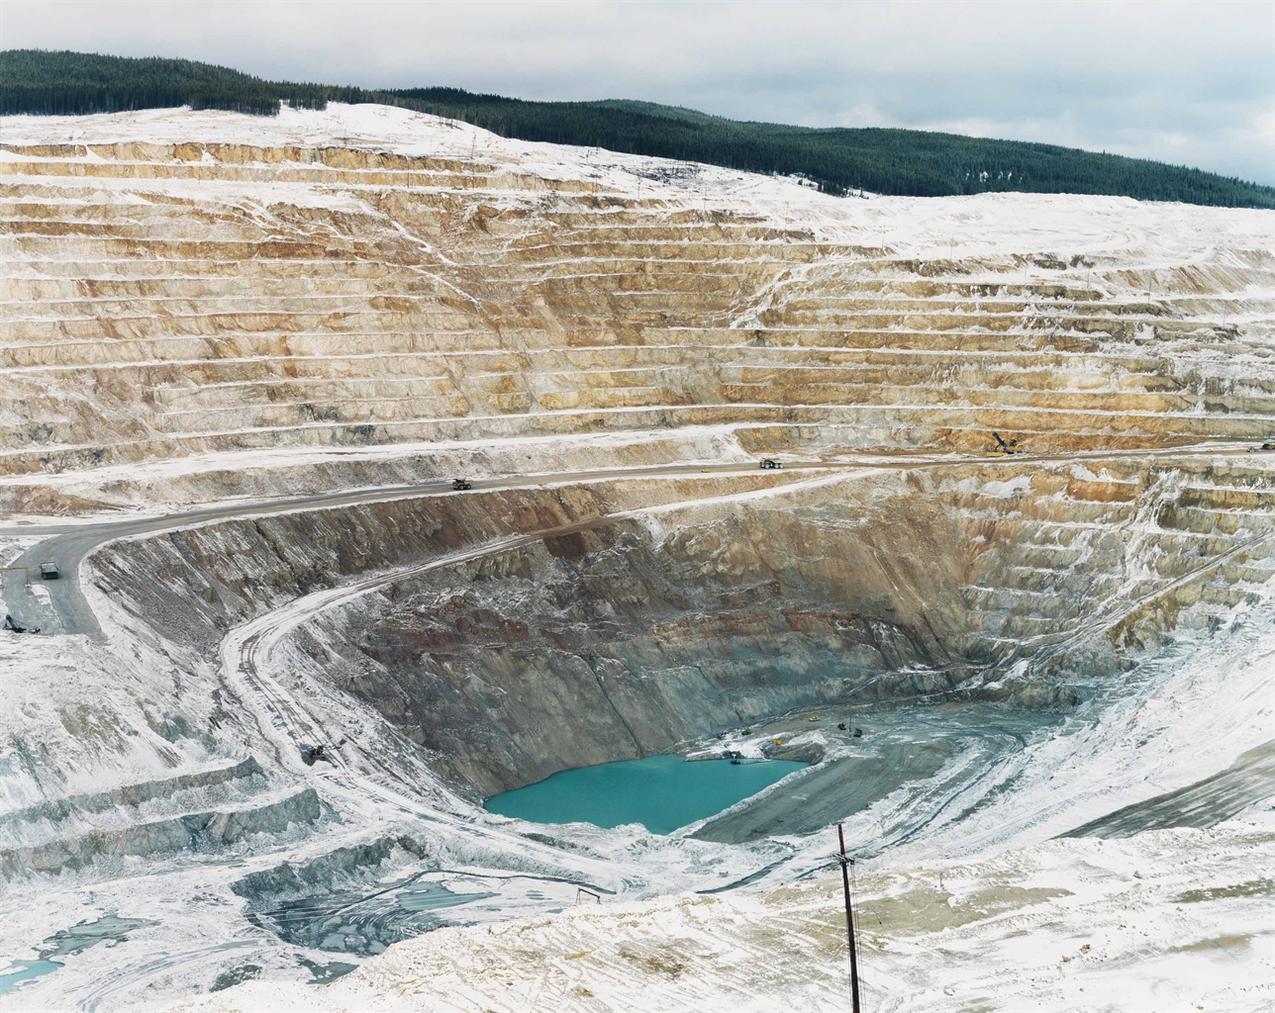 Edward Burtynsky-Mines #17, Lornex Open Pit Copper Mine, High Valley, British Columbia-1985